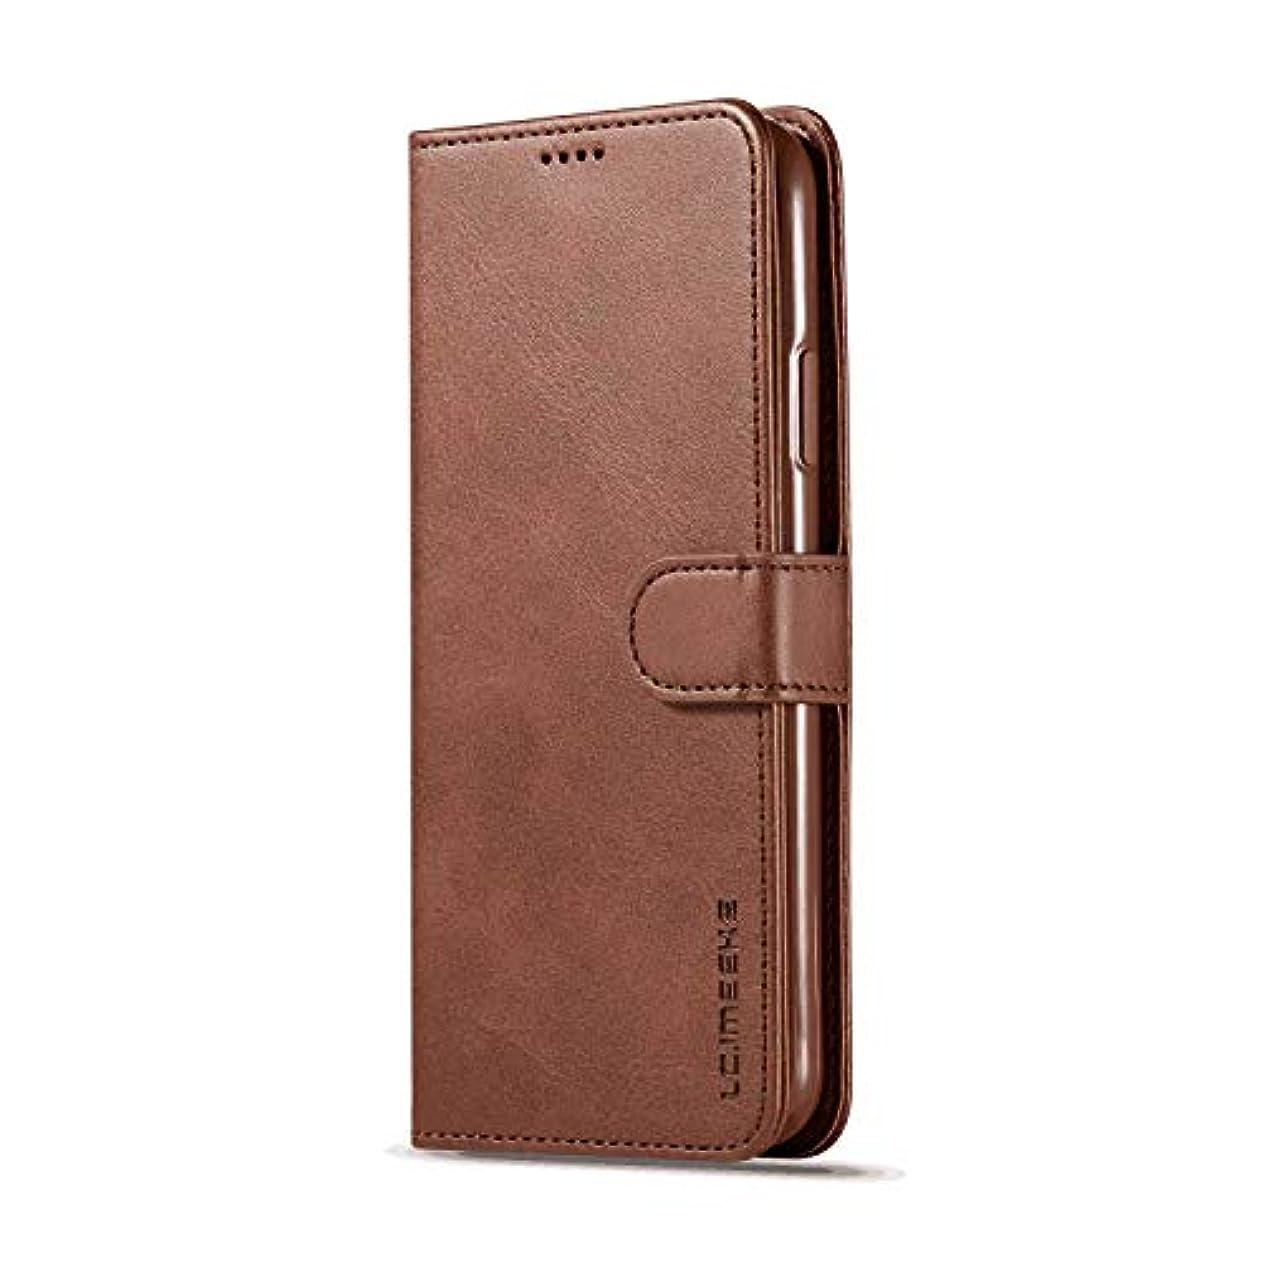 ウガンダインフラ不満PUレザー ケース 手帳型 対応 アイフォン iPhone Xs Max 財布 カバー収納 防指紋 手帳型ケース 本革